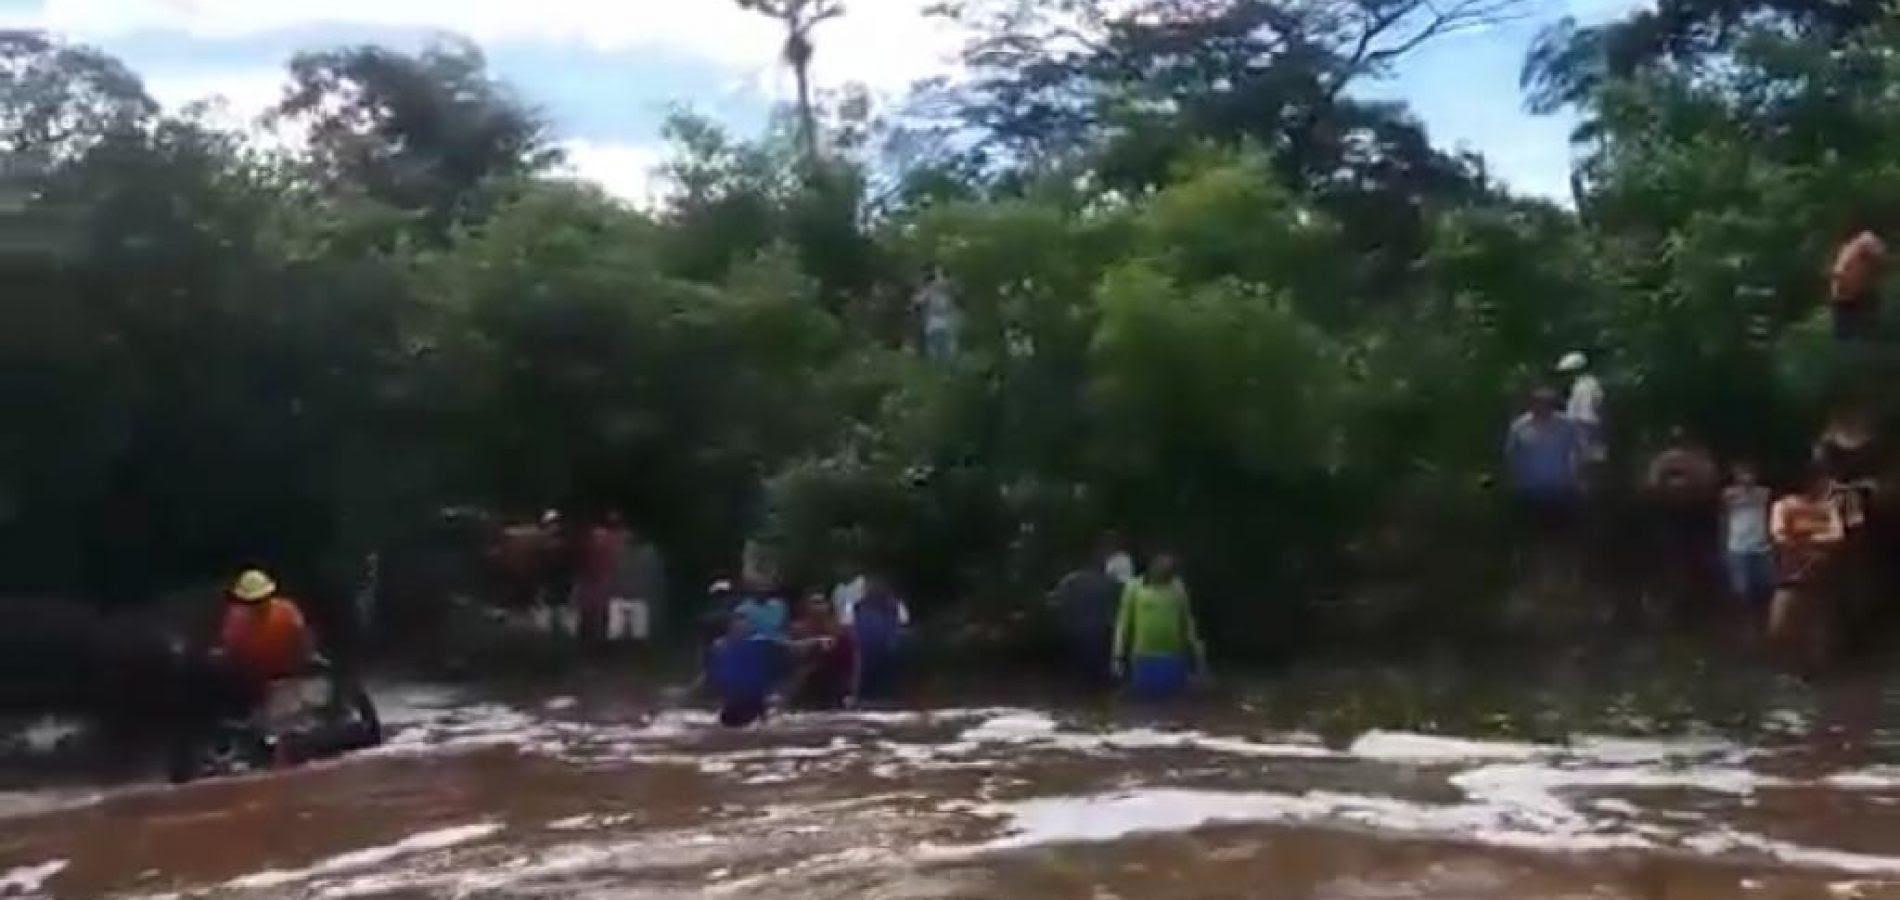 Resultado de imagem para CARRO ARRASTADO EM DOMINGOS MOURÃO DUAS PESSOAS MORTAS